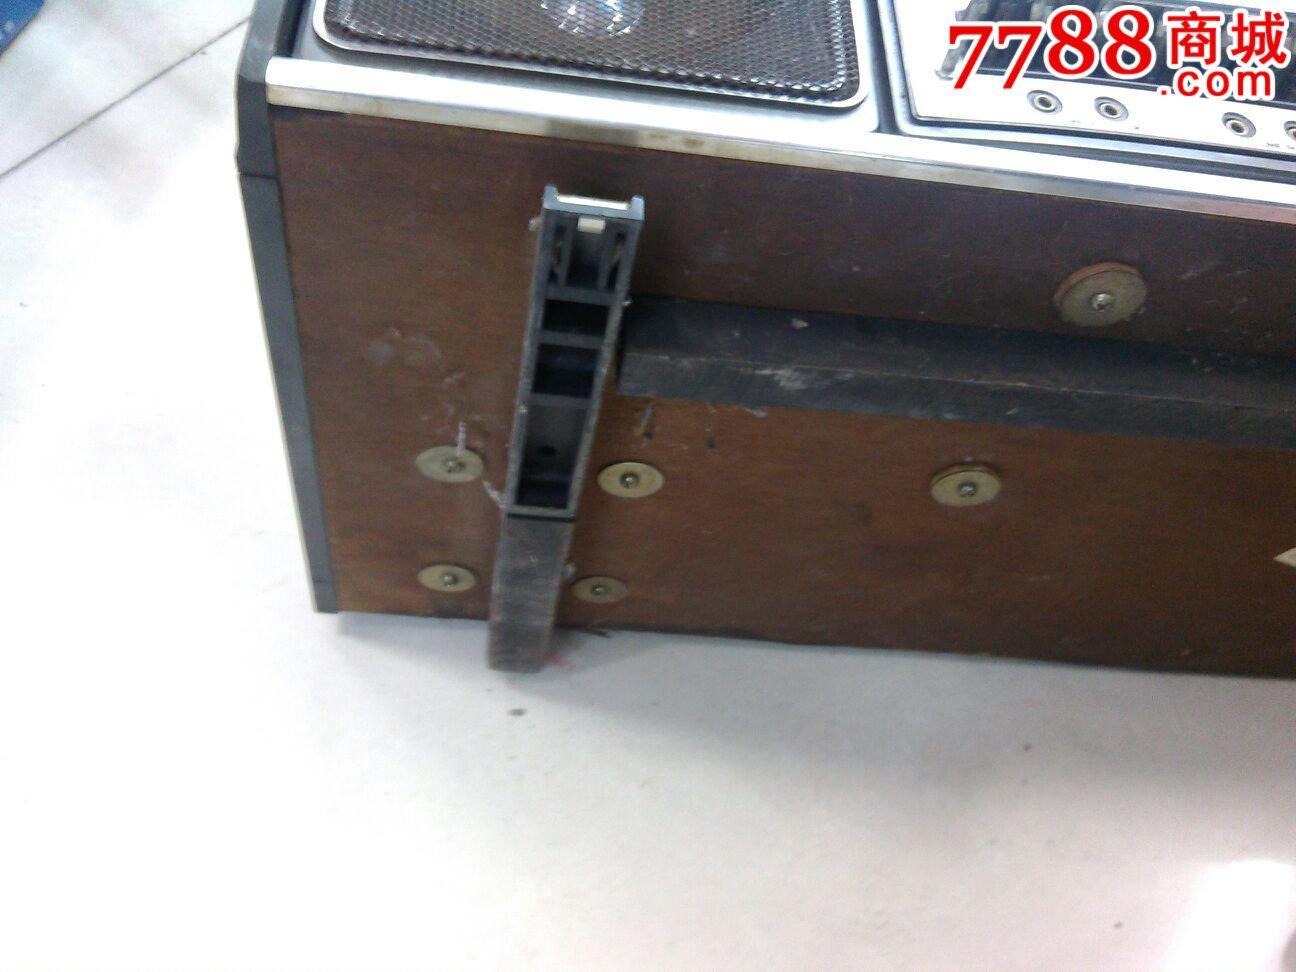 调频调辐四扬声器立体ct6920收录音机